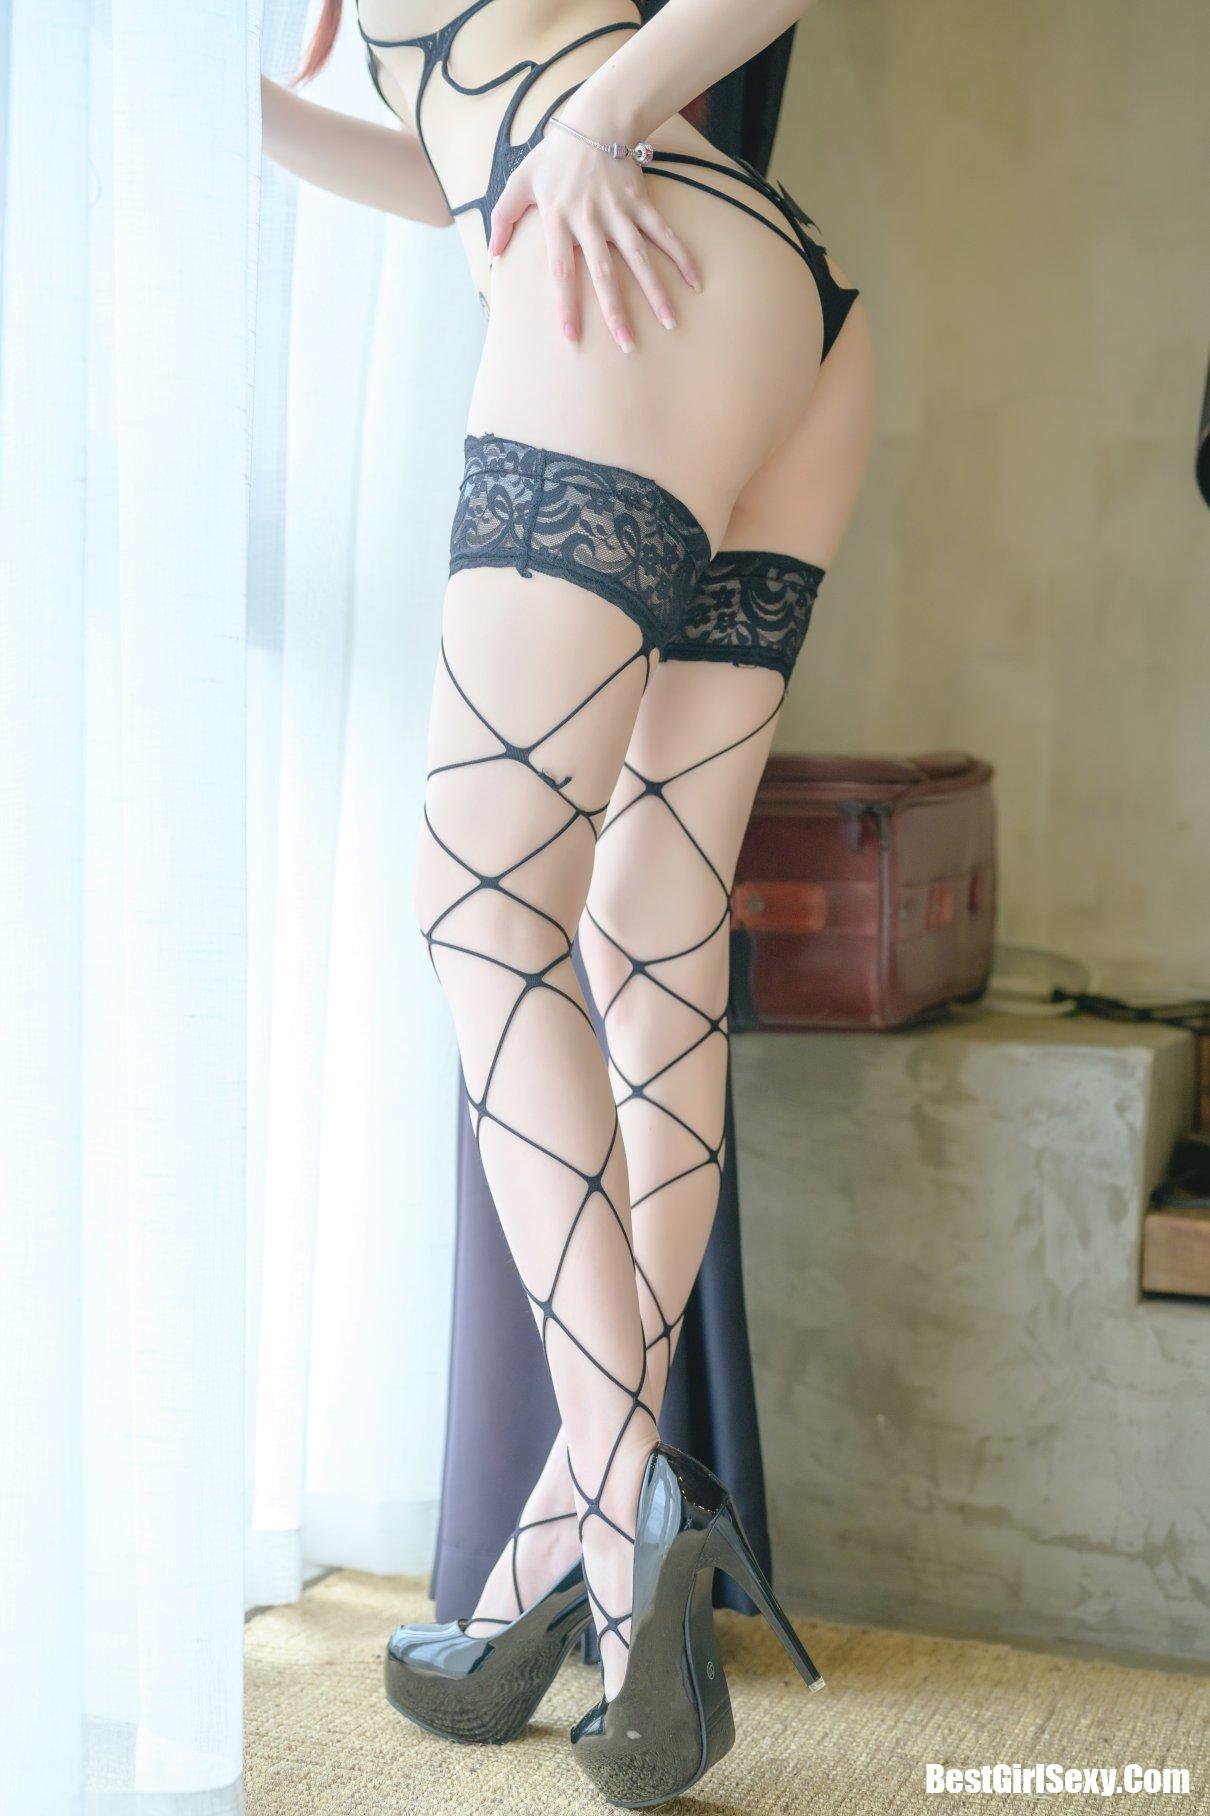 雪晴Astra, 小恶魔网袜, Coser@雪晴Astra Vol.023 小恶魔网袜